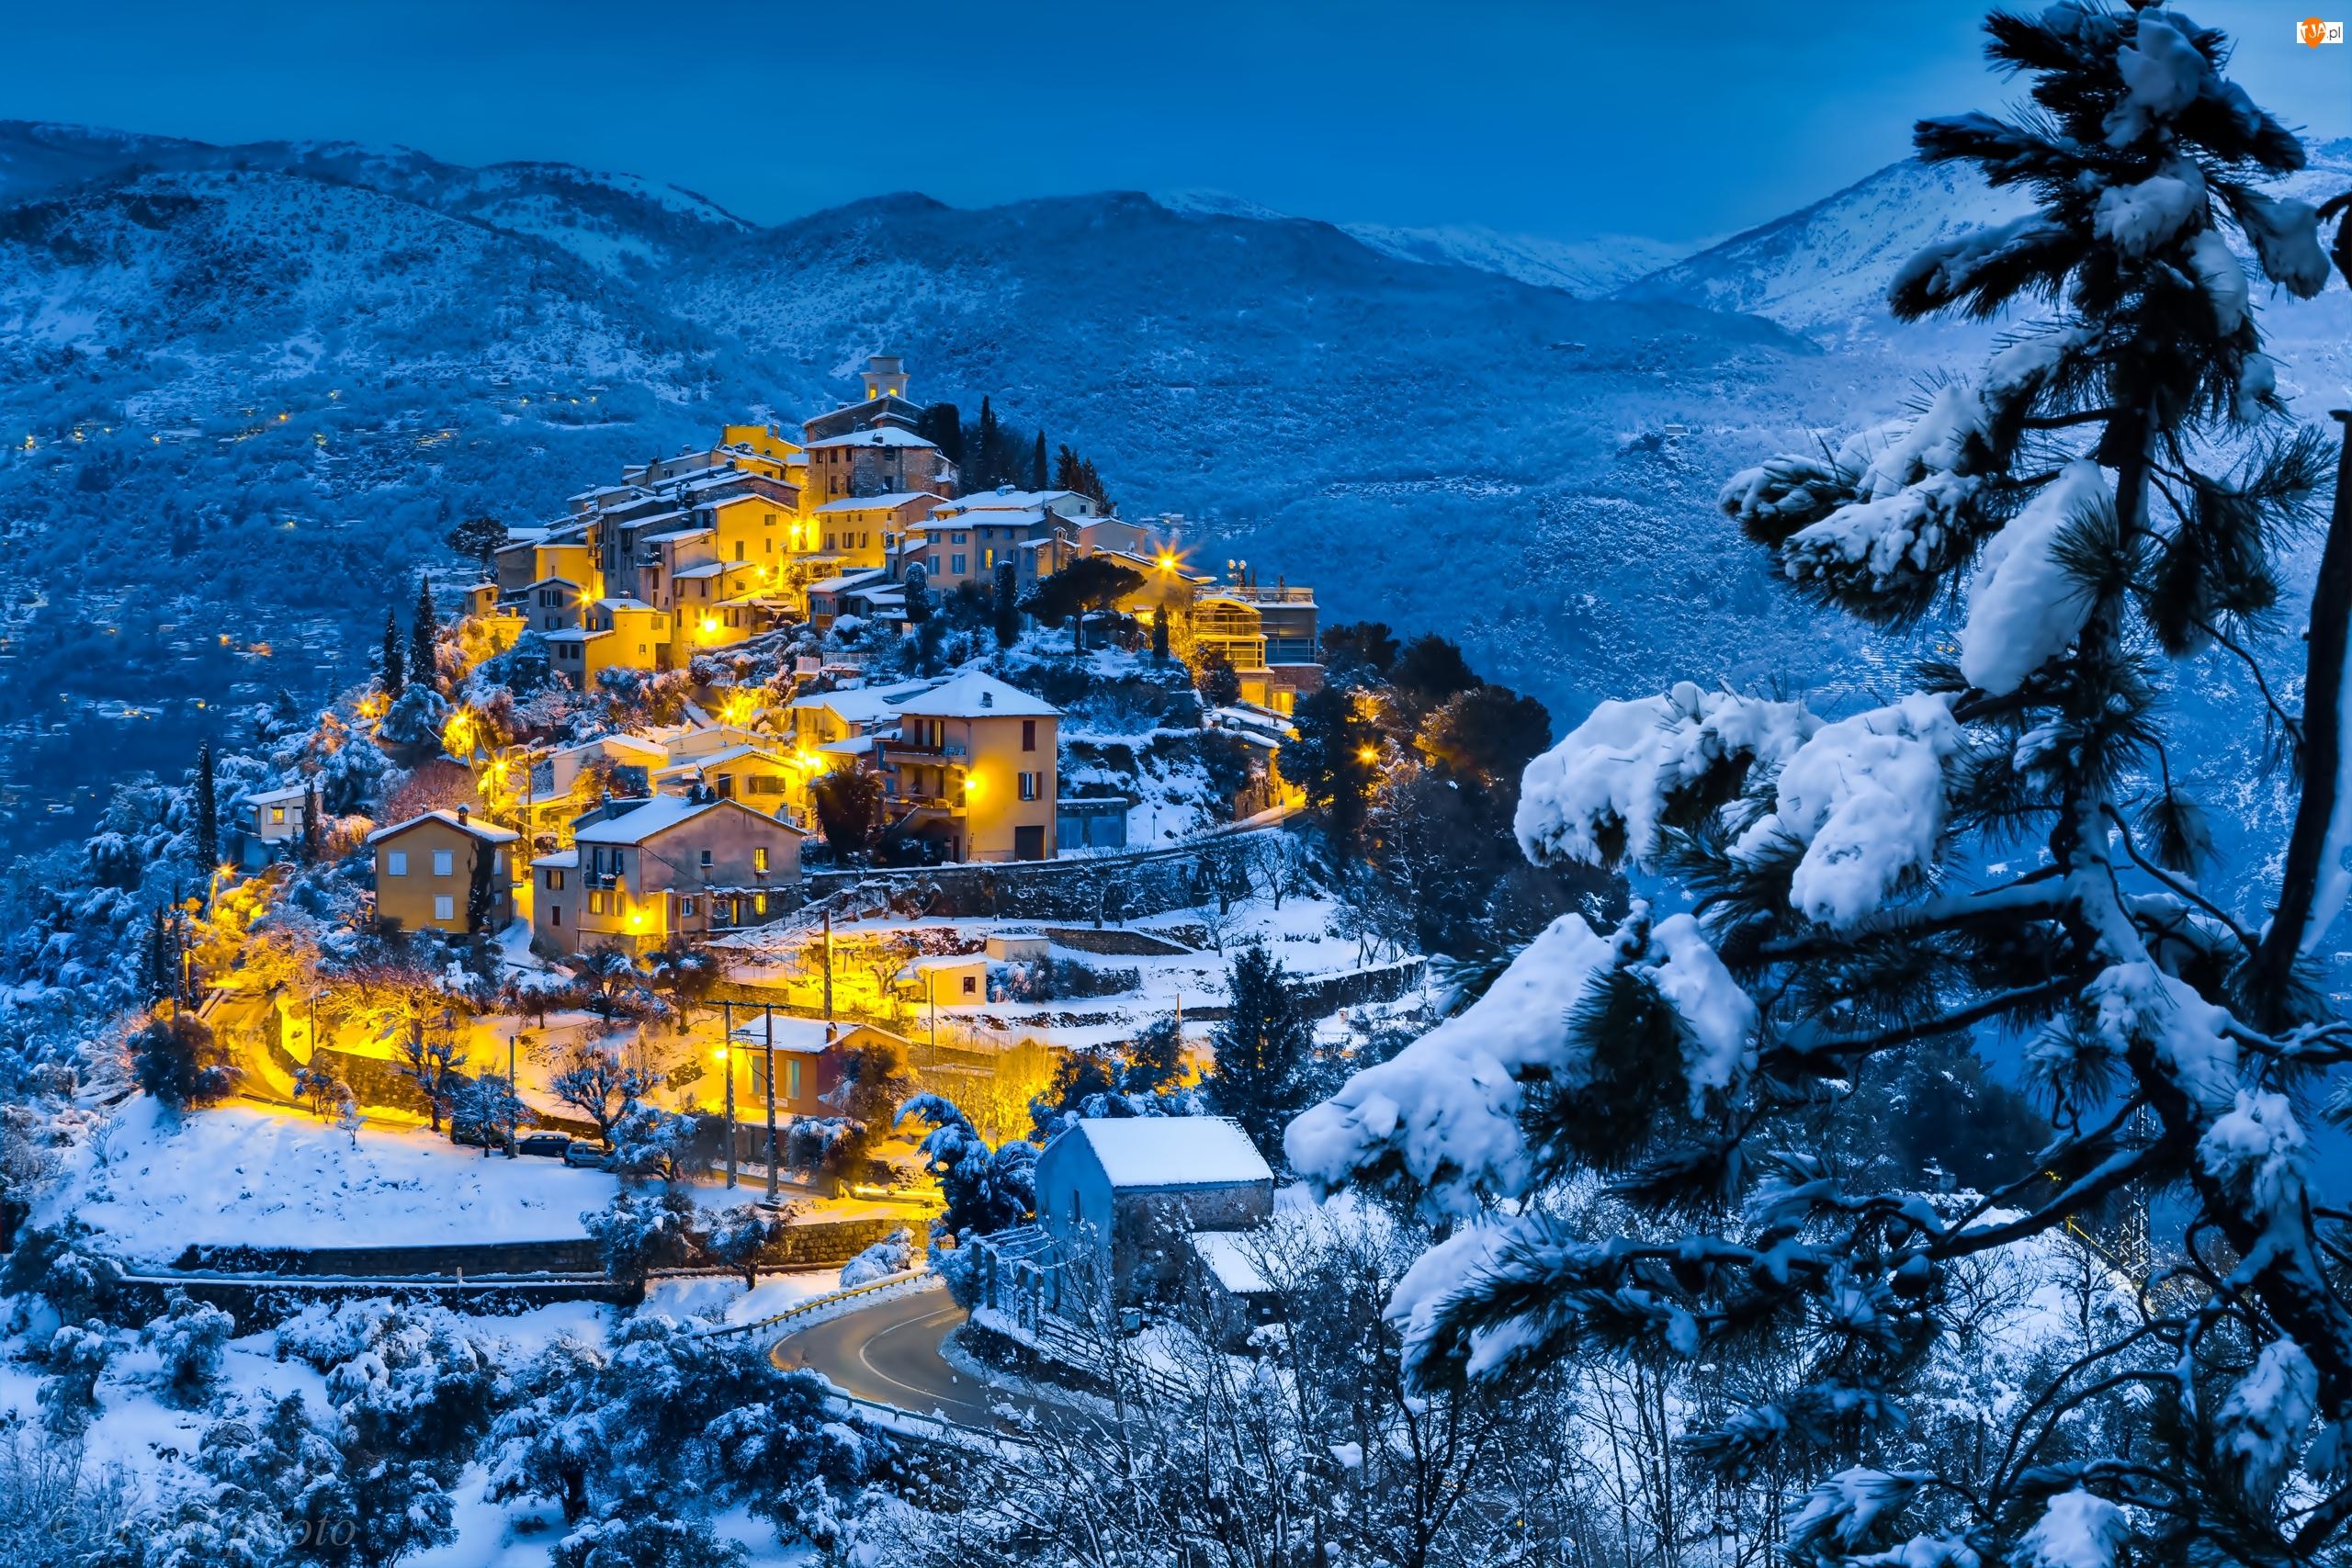 Domy, Wieś, Las, Zmierzch, Góry, Światła, Zima, Wieczór